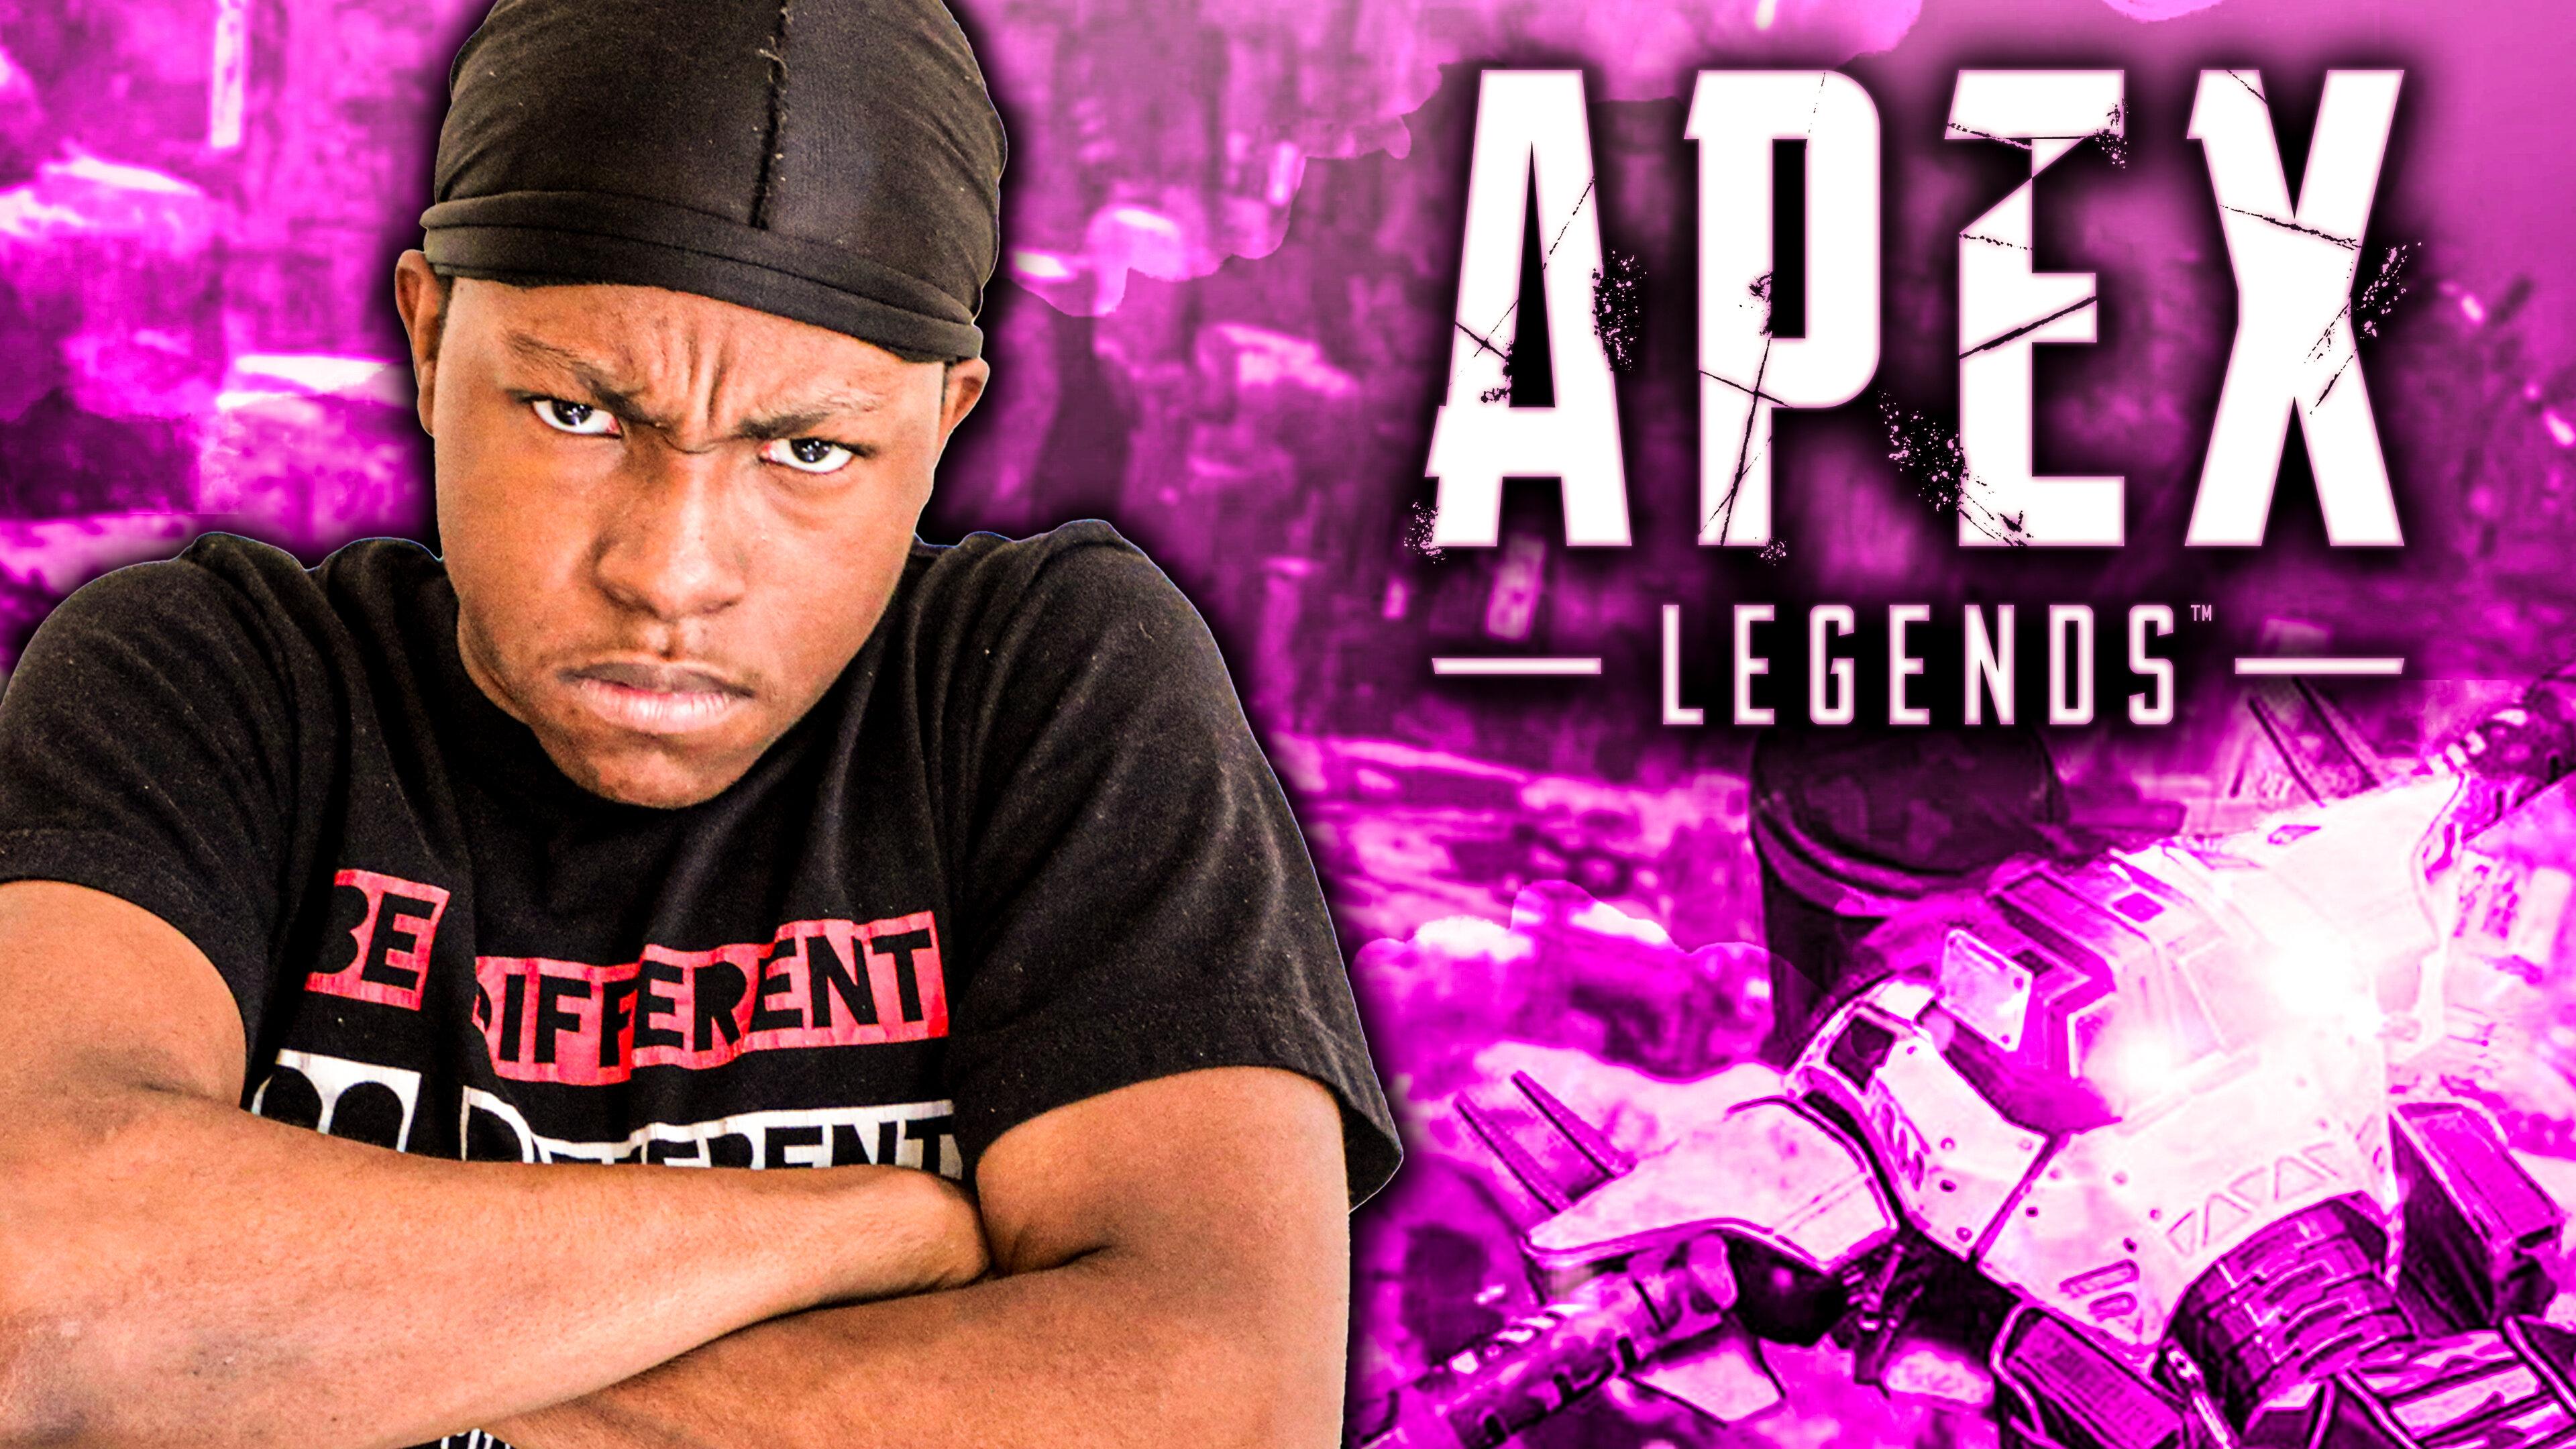 Trent's Apex Legends